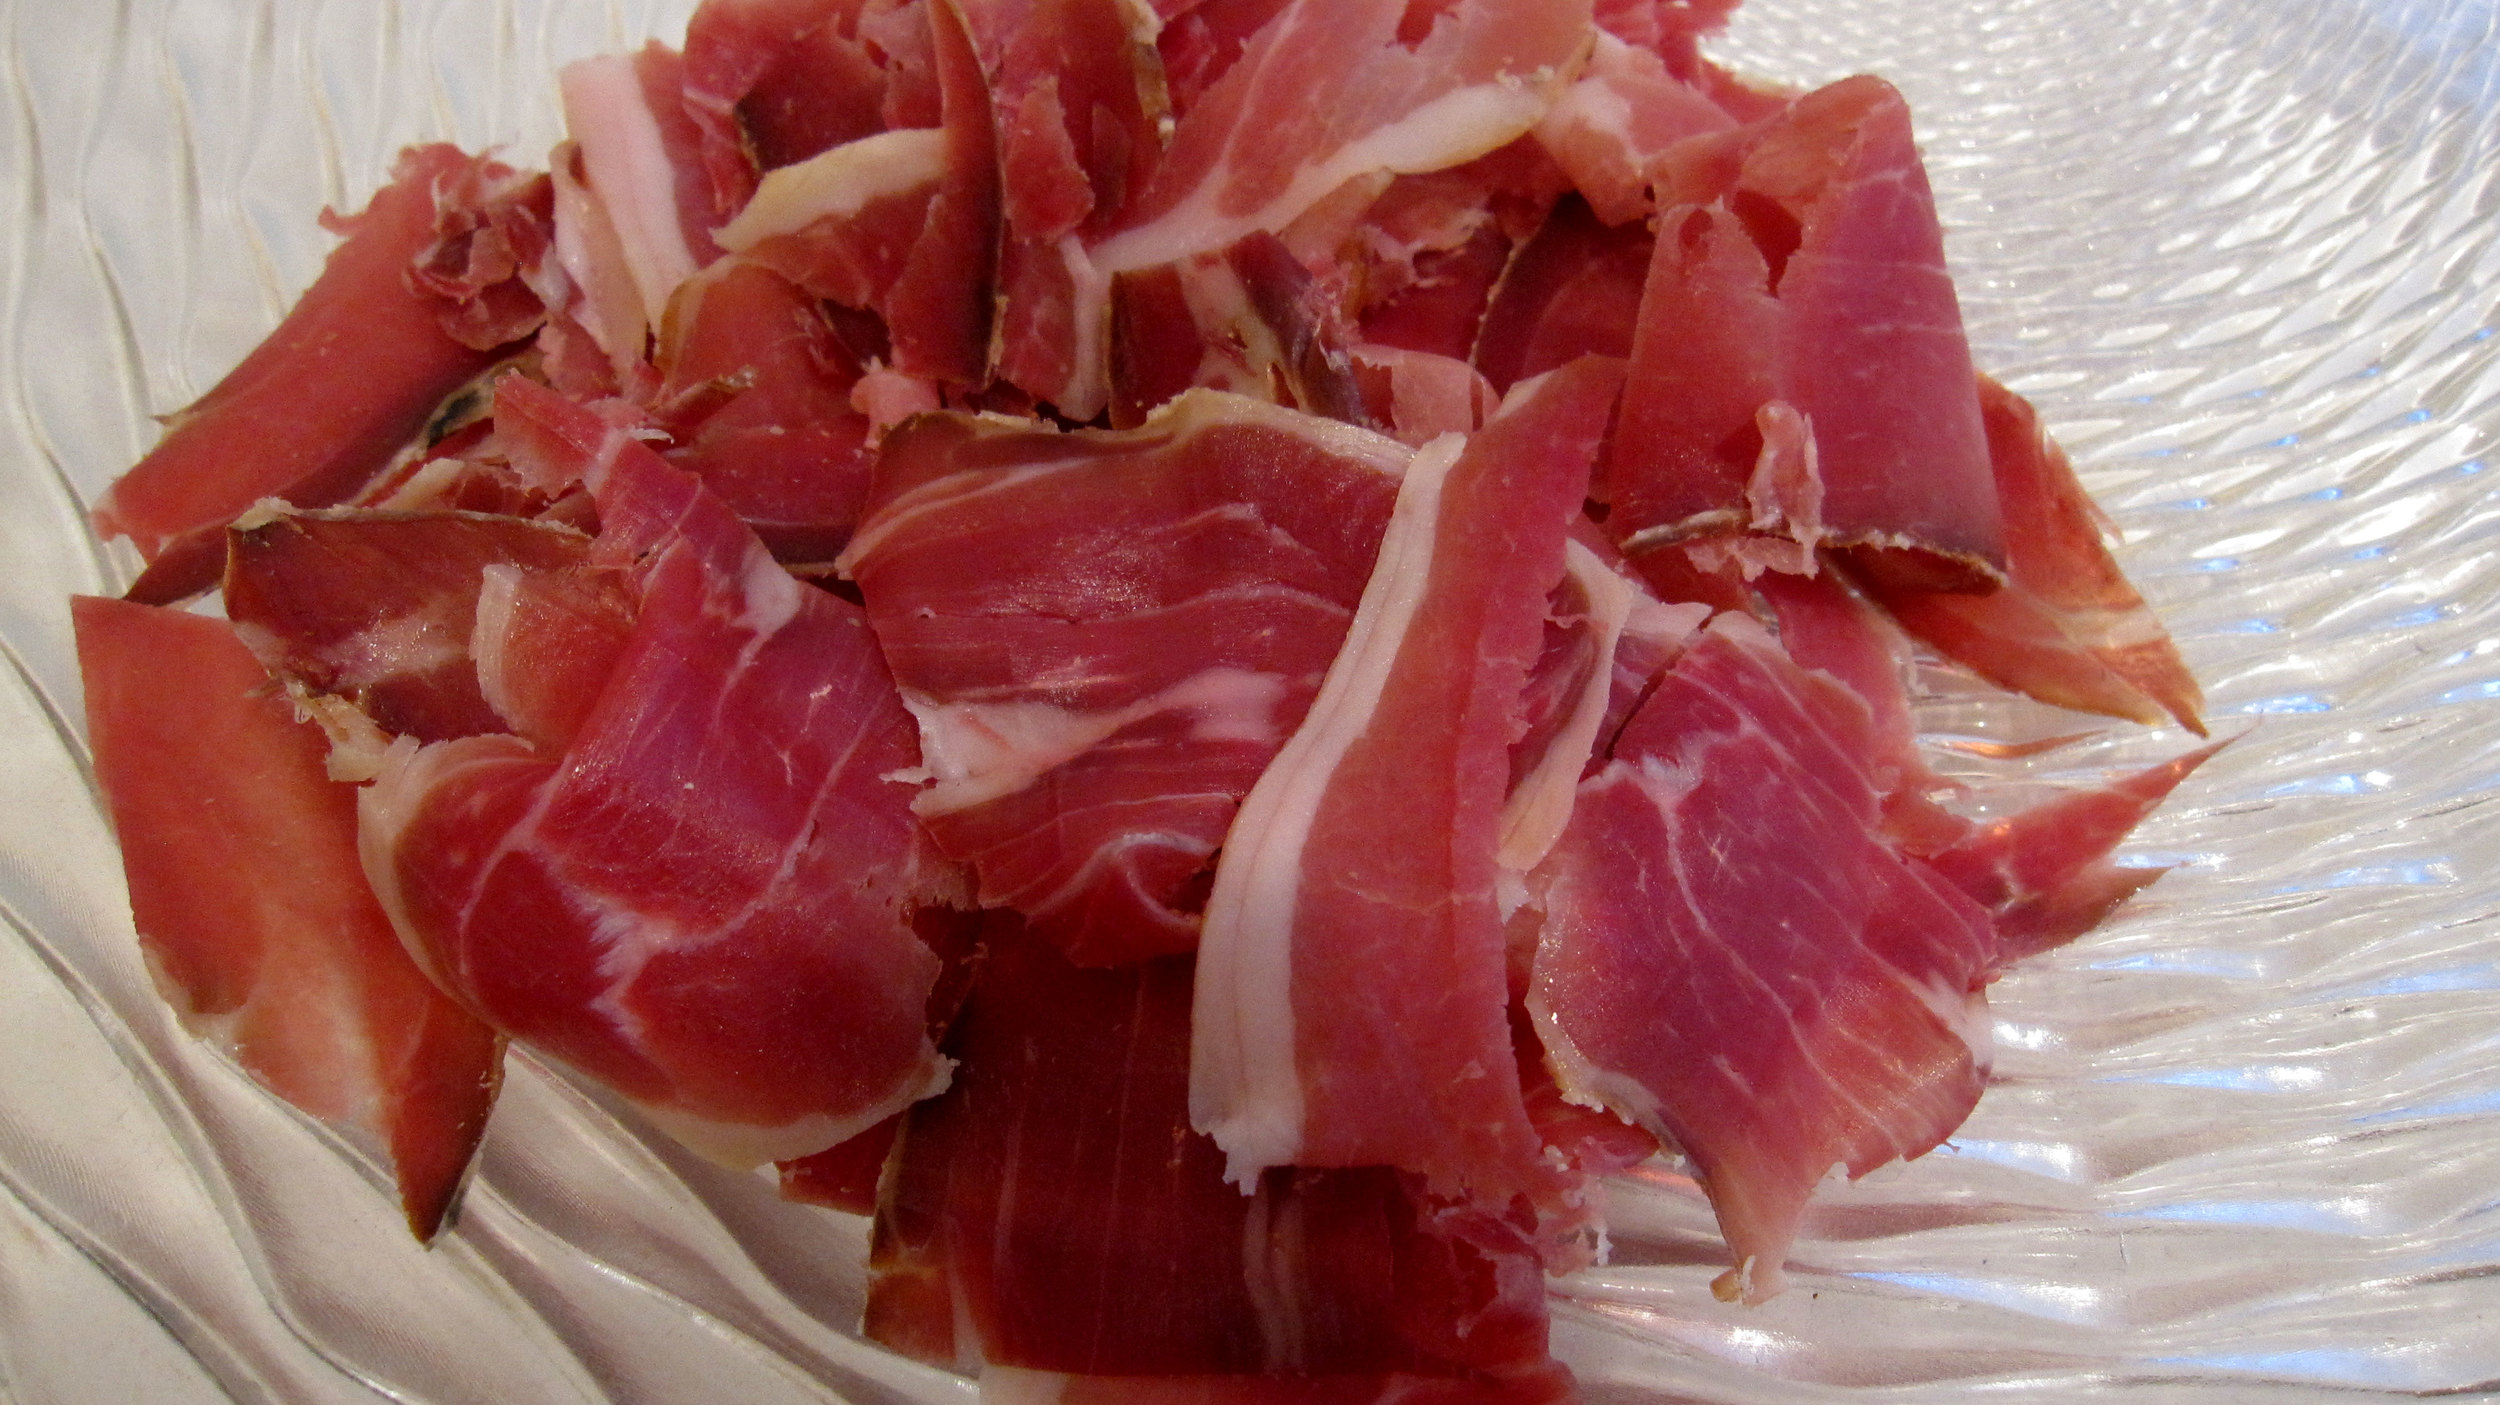 Commercial hog, sliced